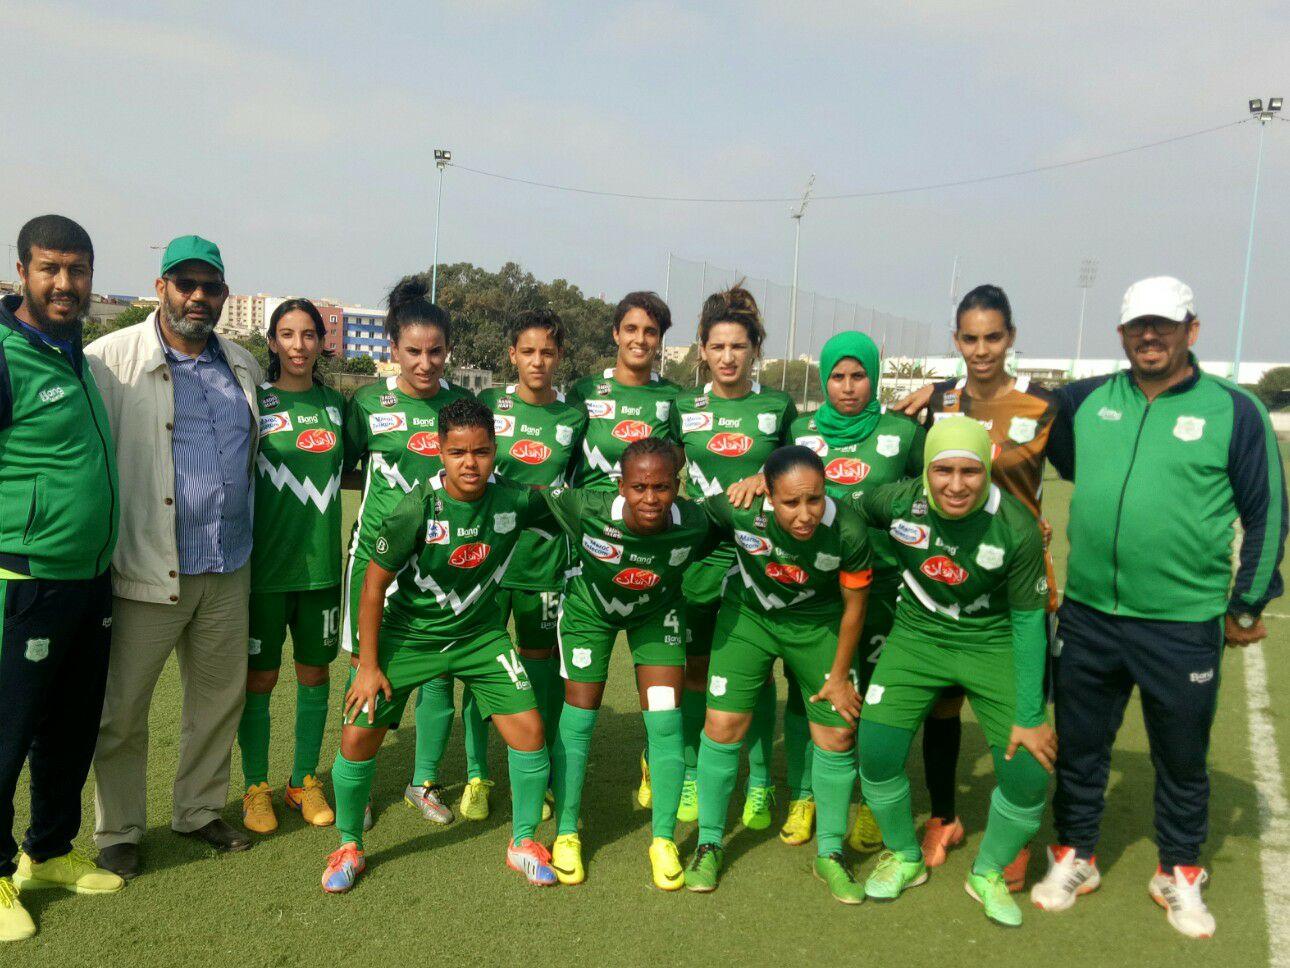 تأهل فريق أولمبيك آسفي لكرة القدم النسوية بالجديدة